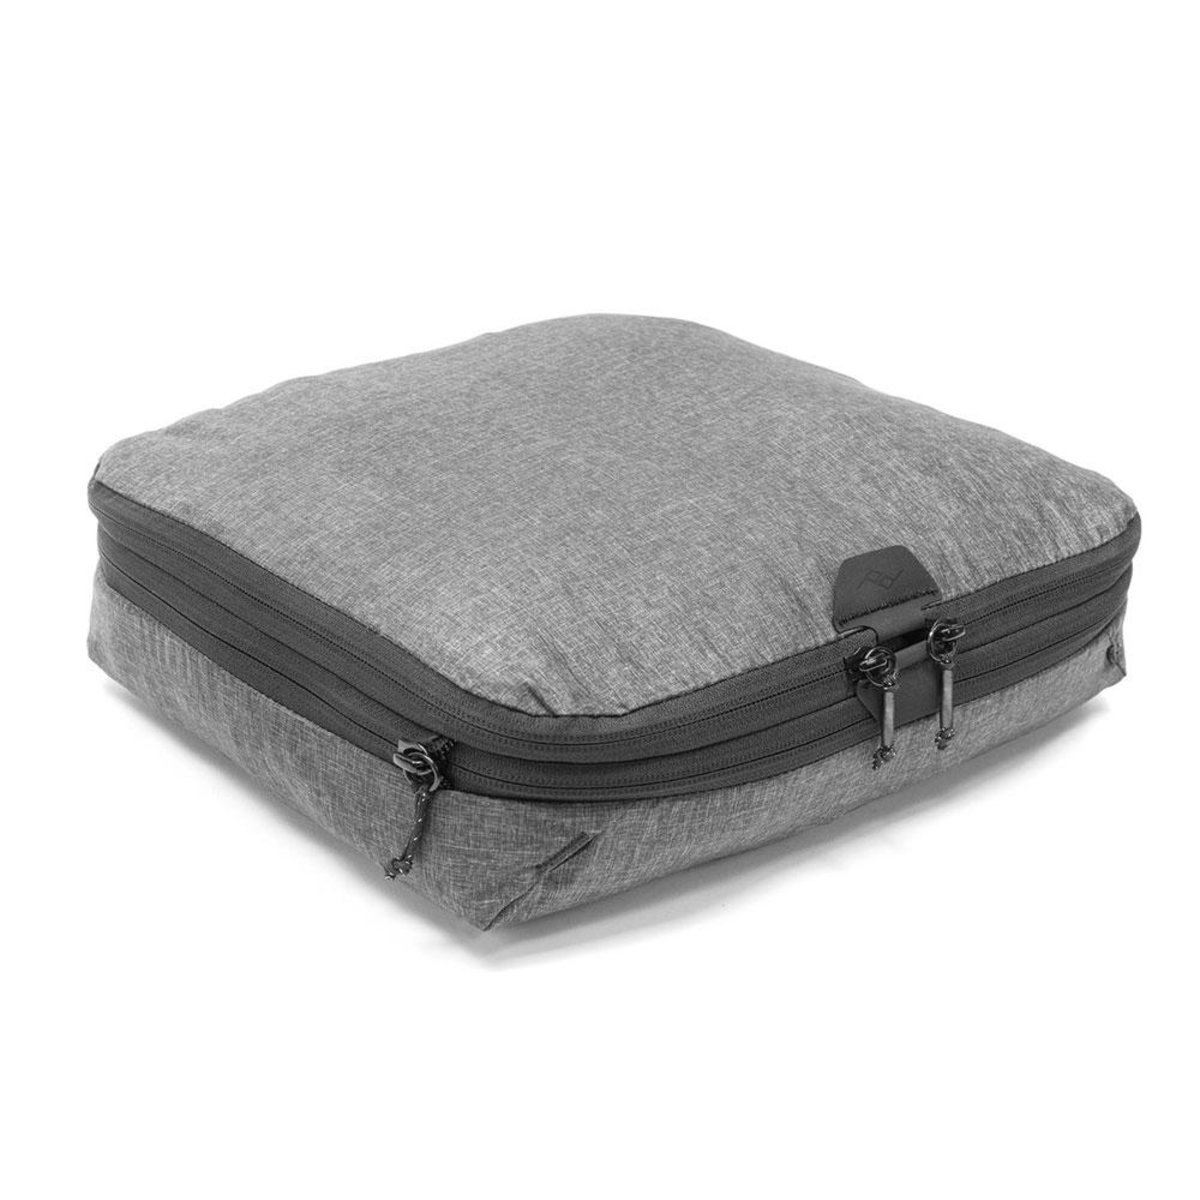 PACKING CUBE Bag MultiFunction Storage Bag MEDIUM